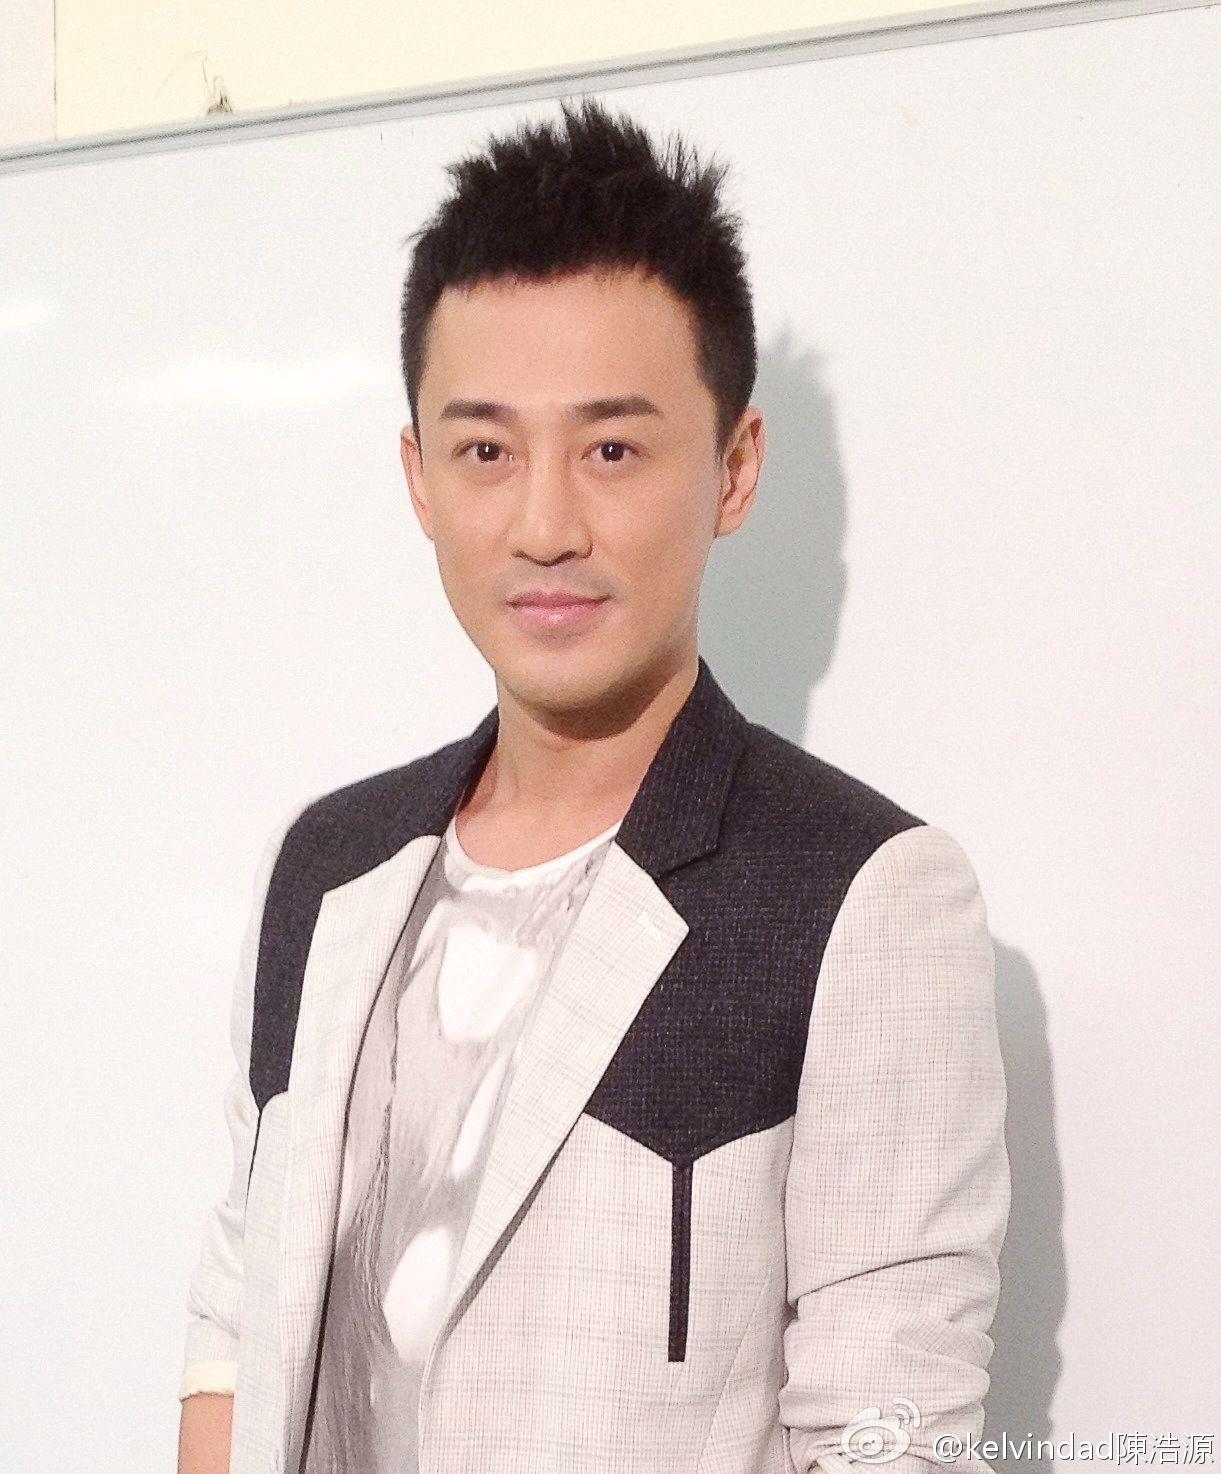 【林峯】20120725劲歌金曲录影图片